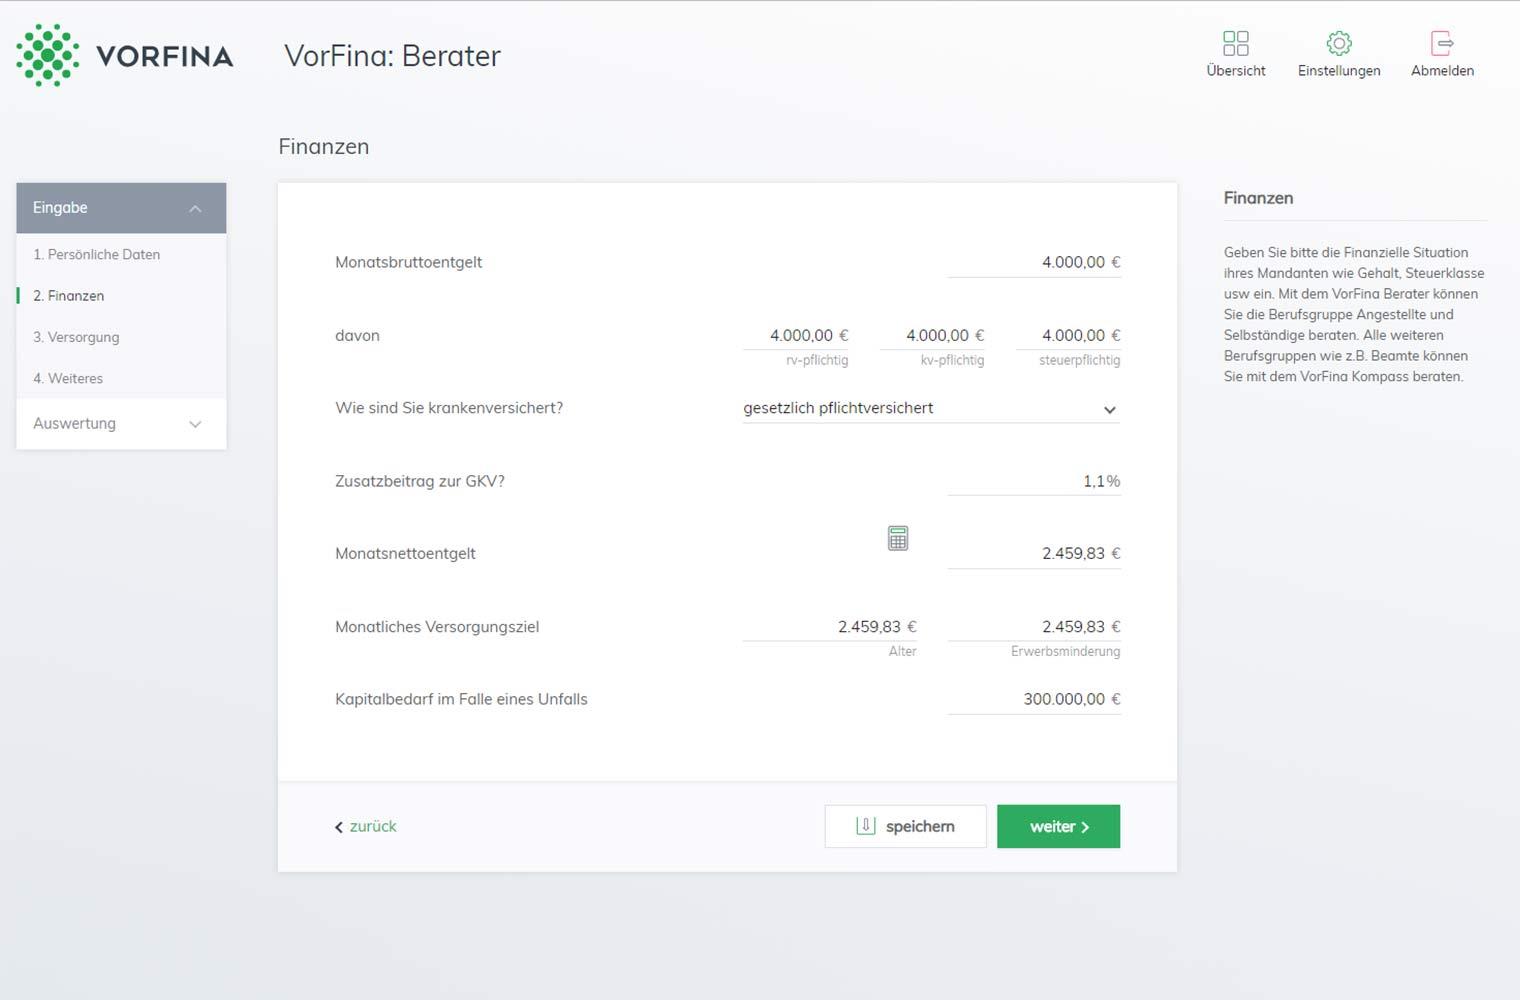 https://www.vorfina.de/wp-content/uploads/2018/12/Berater-Finanzen@2x.jpg